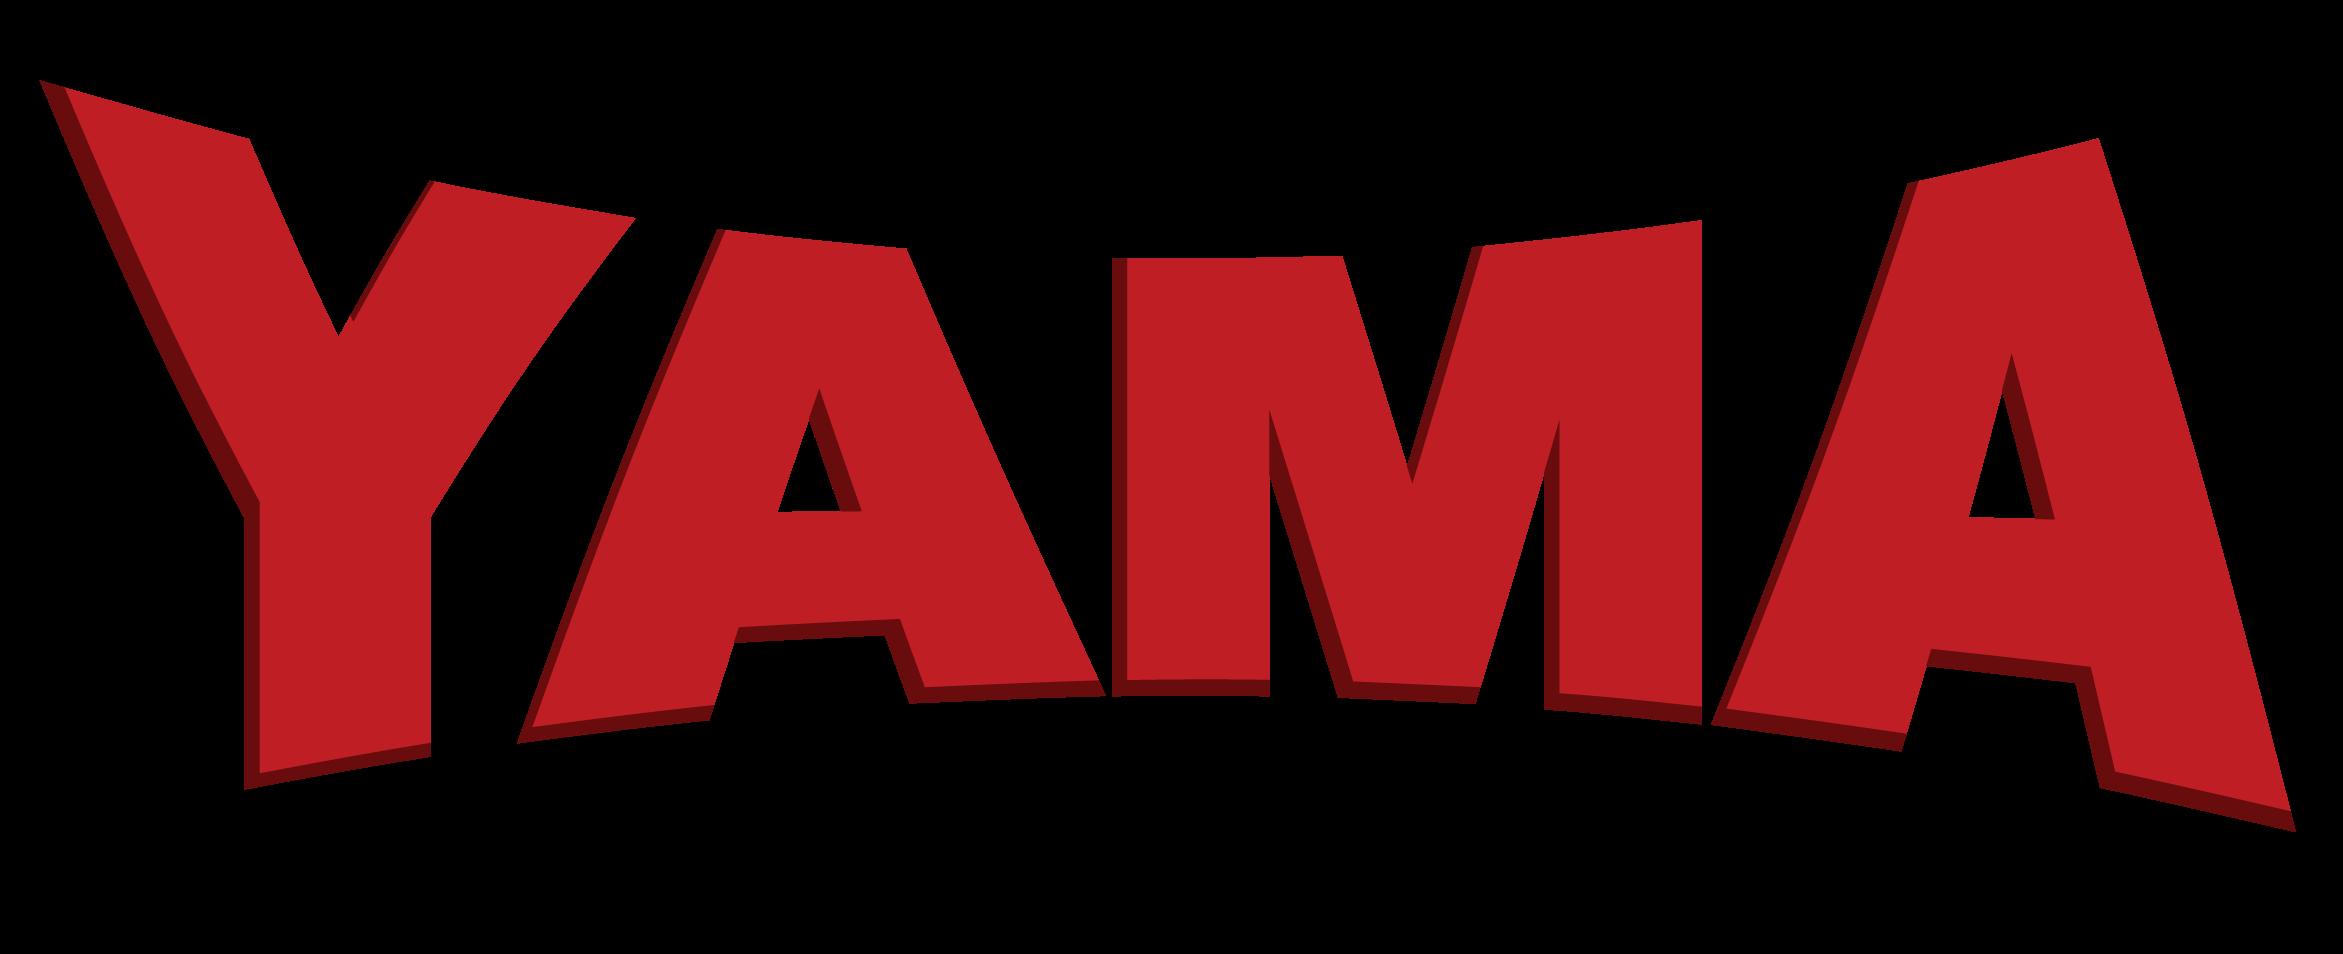 Yama Redes de Proteção